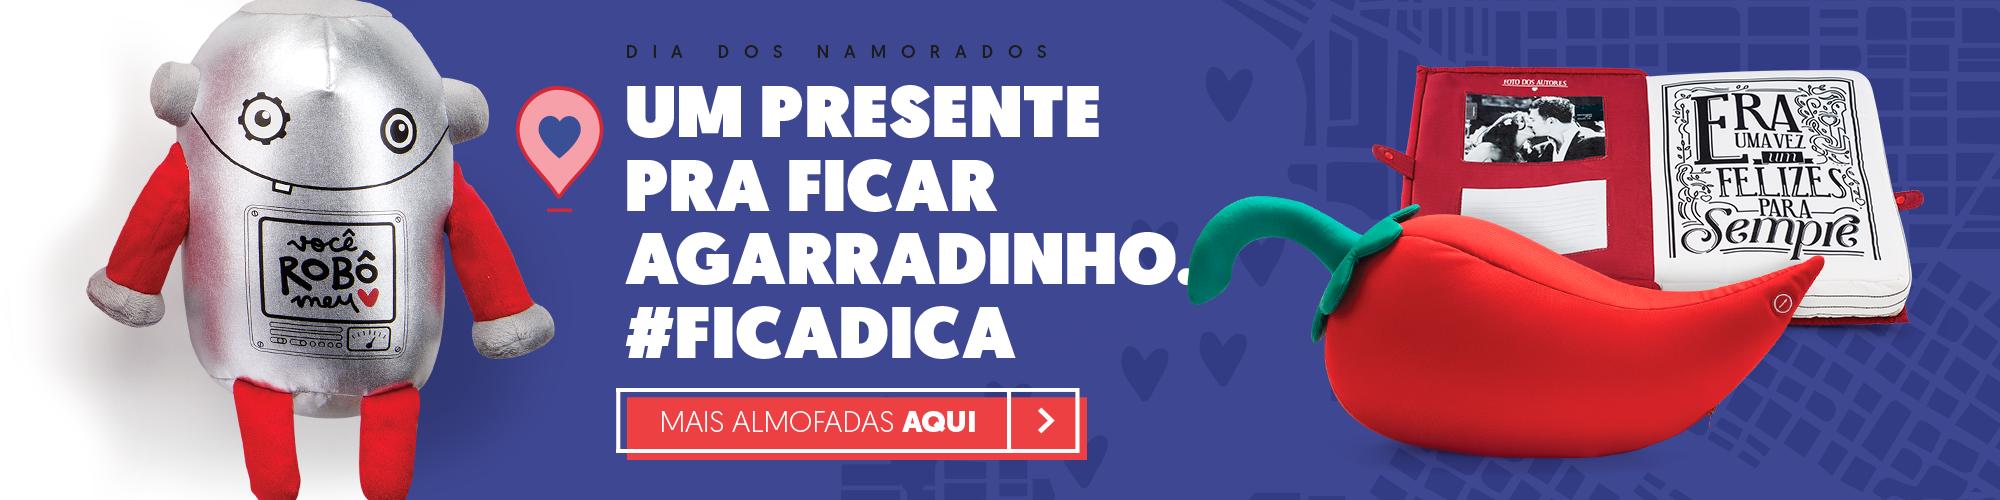 Banner 06 - Almofadas